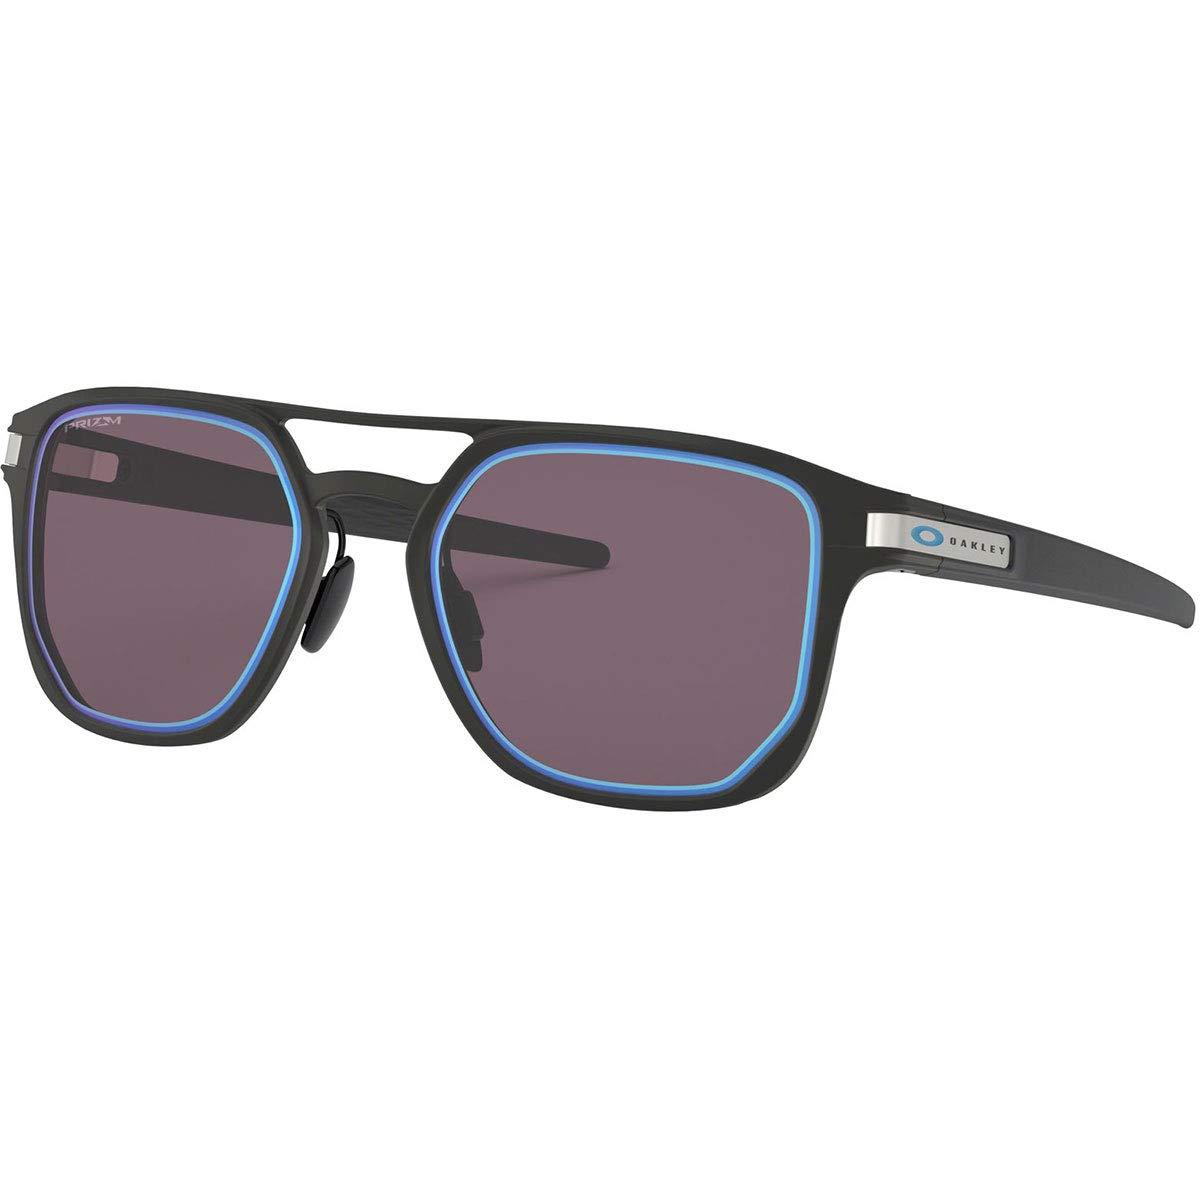 8566b57e44 Amazon.com  Oakley Men s Latch Alpha Sunglasses